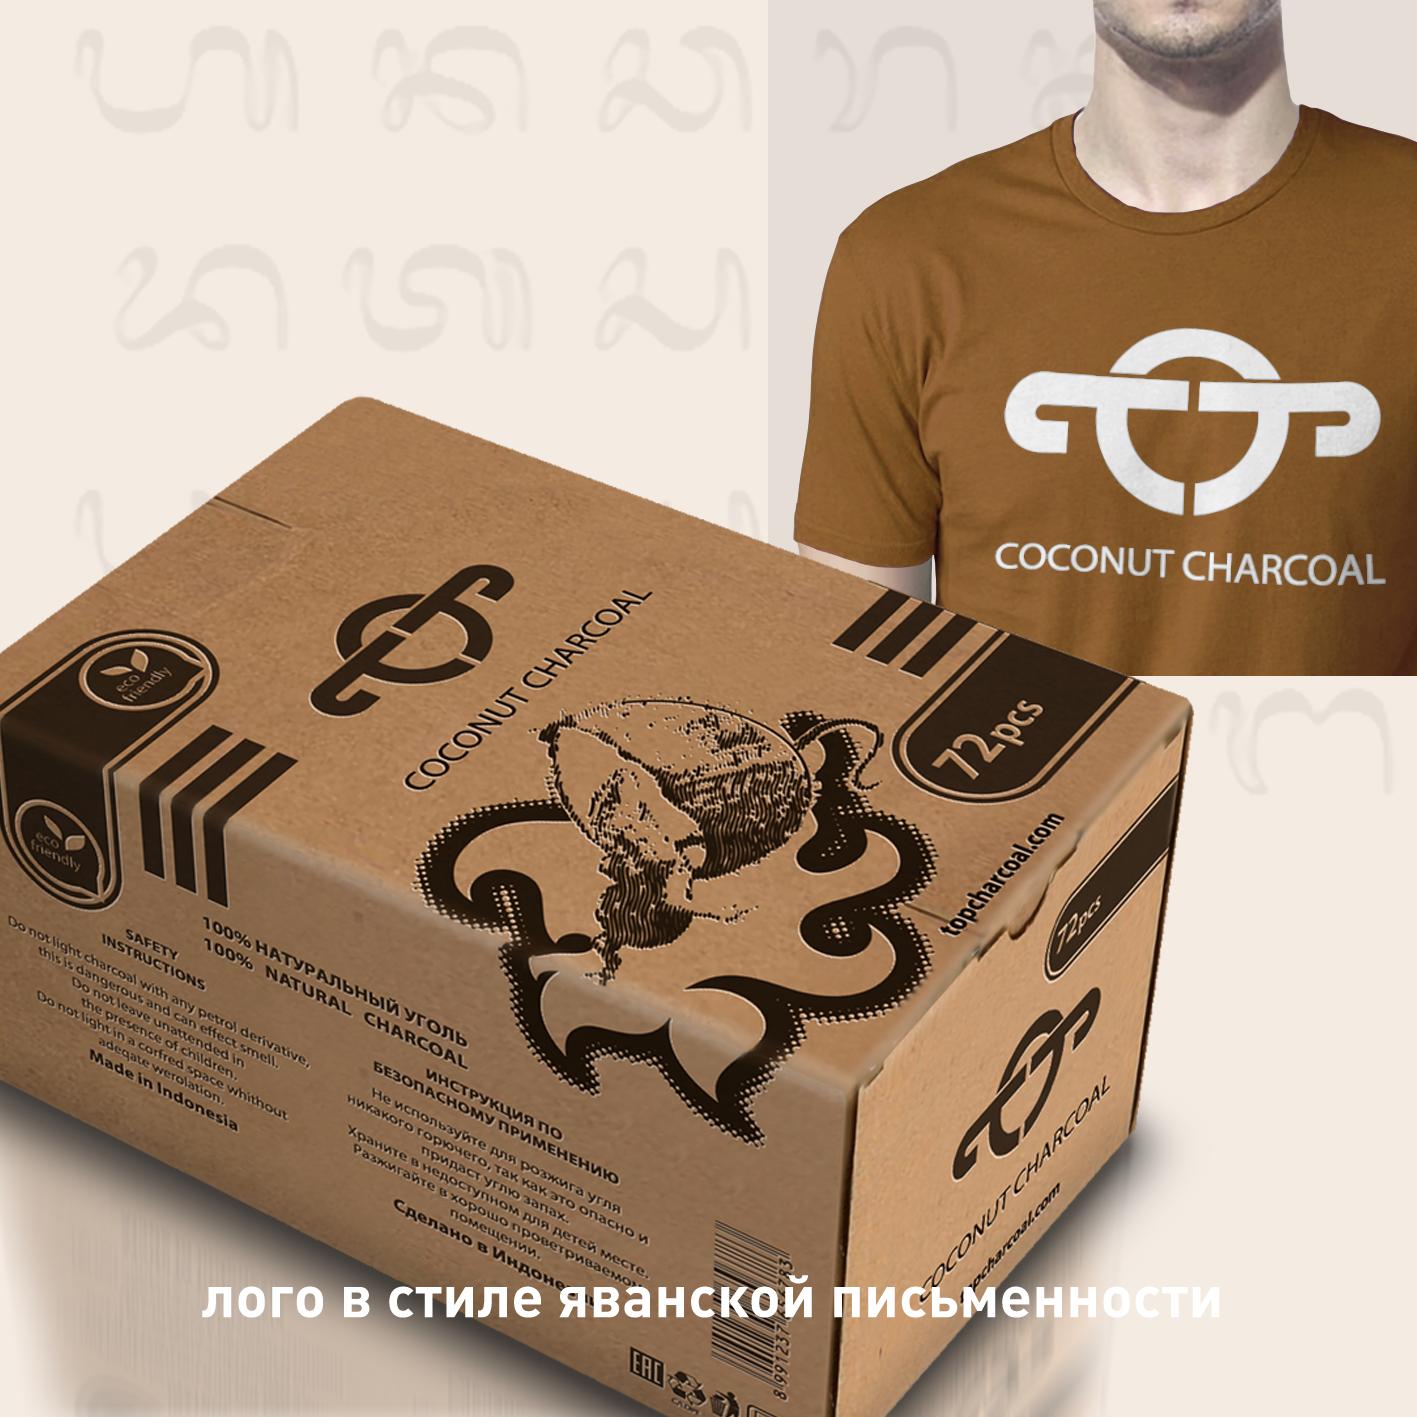 Разработка дизайна коробки, фирменного стиля, логотипа. фото f_1665c5dece2a1e14.png